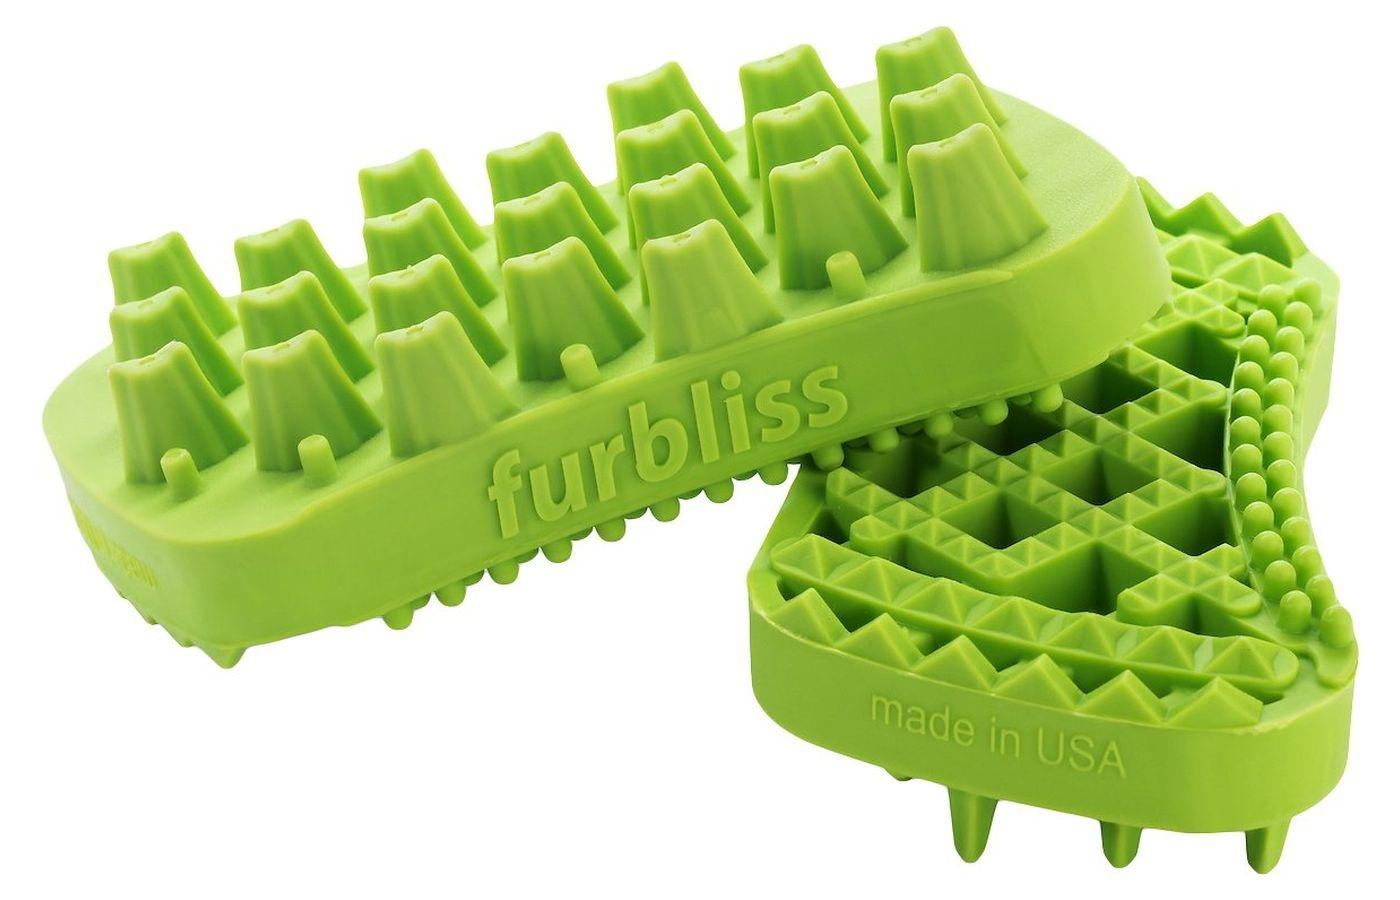 Glandex Furbliss Multi-use Brush